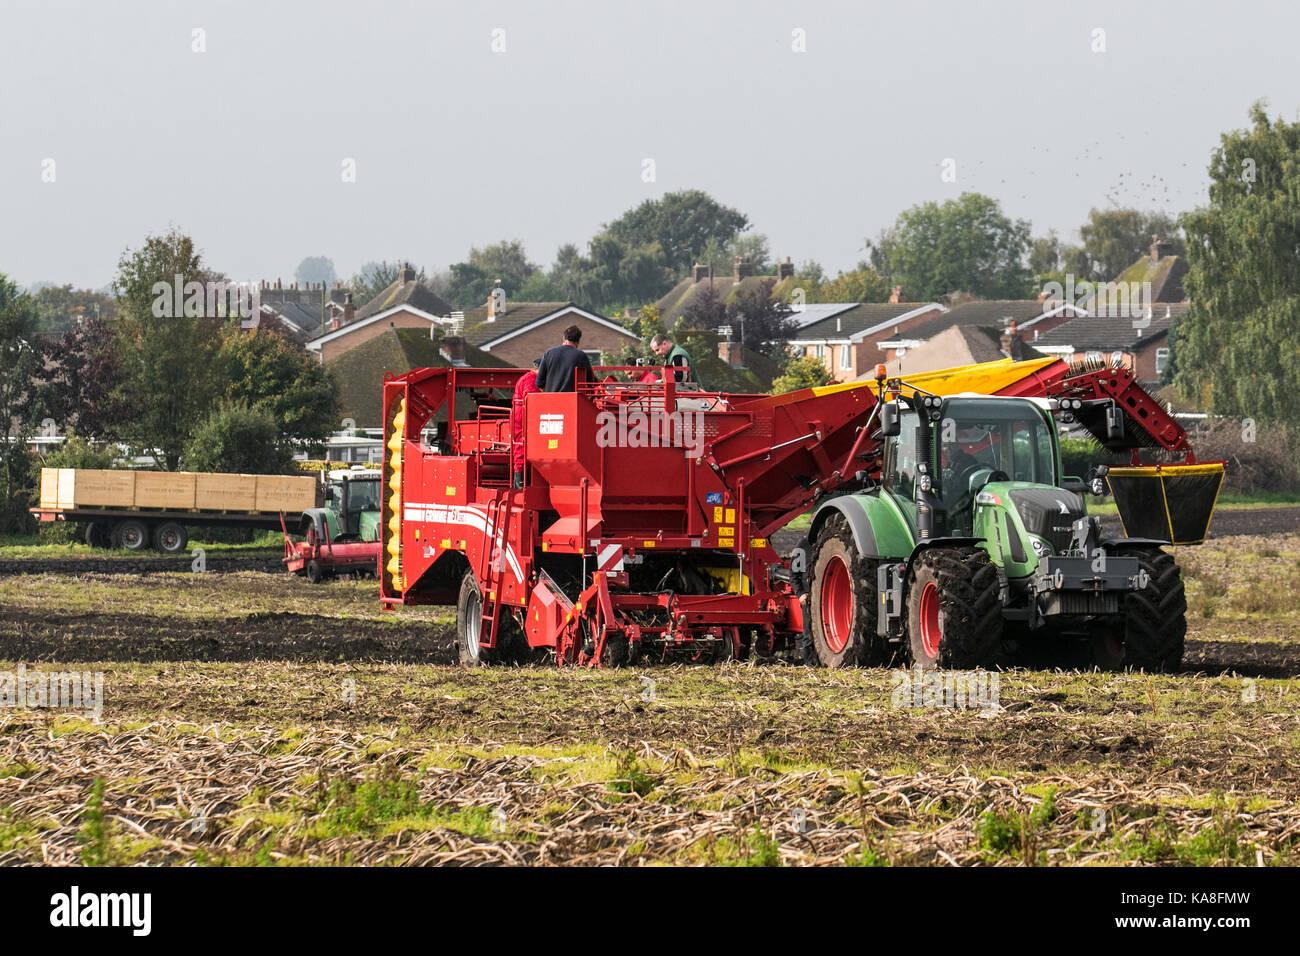 Hesketh Bank, Lancashire. Météo britannique. 26 Septembre, 2017. Conditions de fine avec une récolte de pommes de terre automatique Grimme Allemand SV 260 récolteuse. Les journées chaudes, nuits fraîches, et un sol bien drainé sont des conditions idéales pour la culture des meilleures pommes de terre. Dans le nord l'espace de stockage principal sont récoltés en septembre, quand les jours sont de plus cool et avant le premier gel. Credit: MediaWorldImages/Alamy Live News Banque D'Images